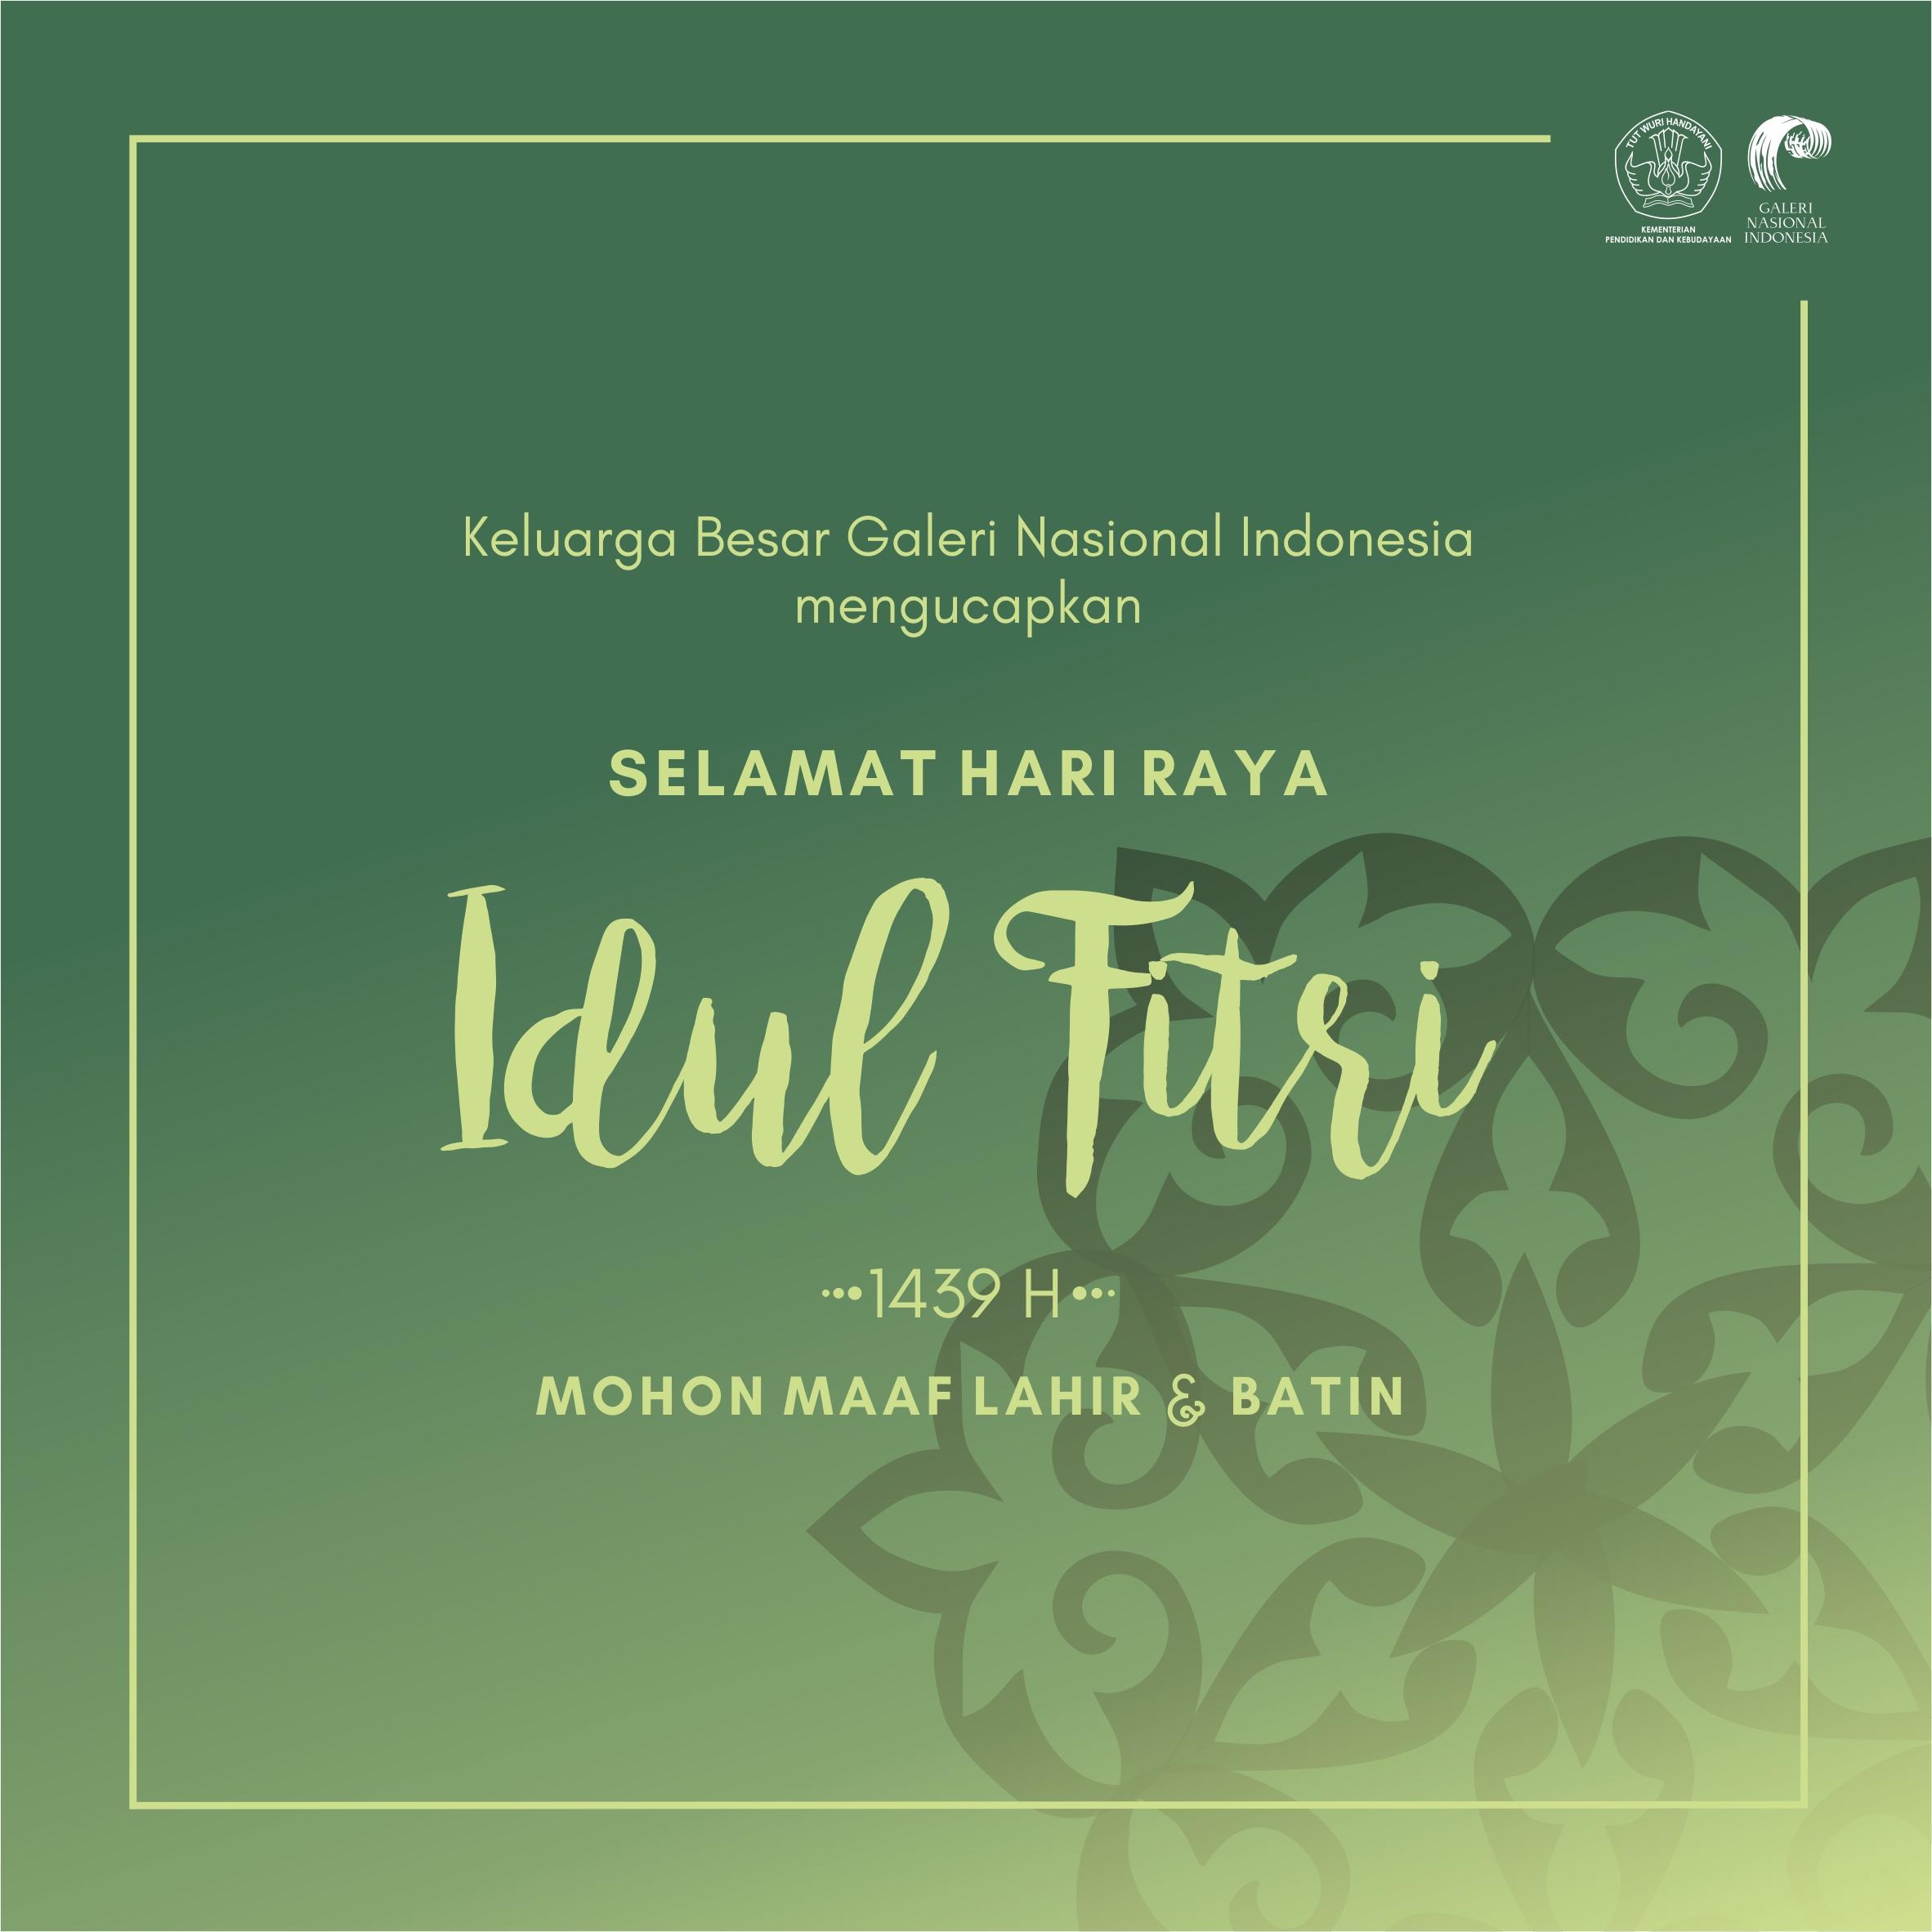 Selamat Hari Raya Idul Fitri 1439 Hijriyah